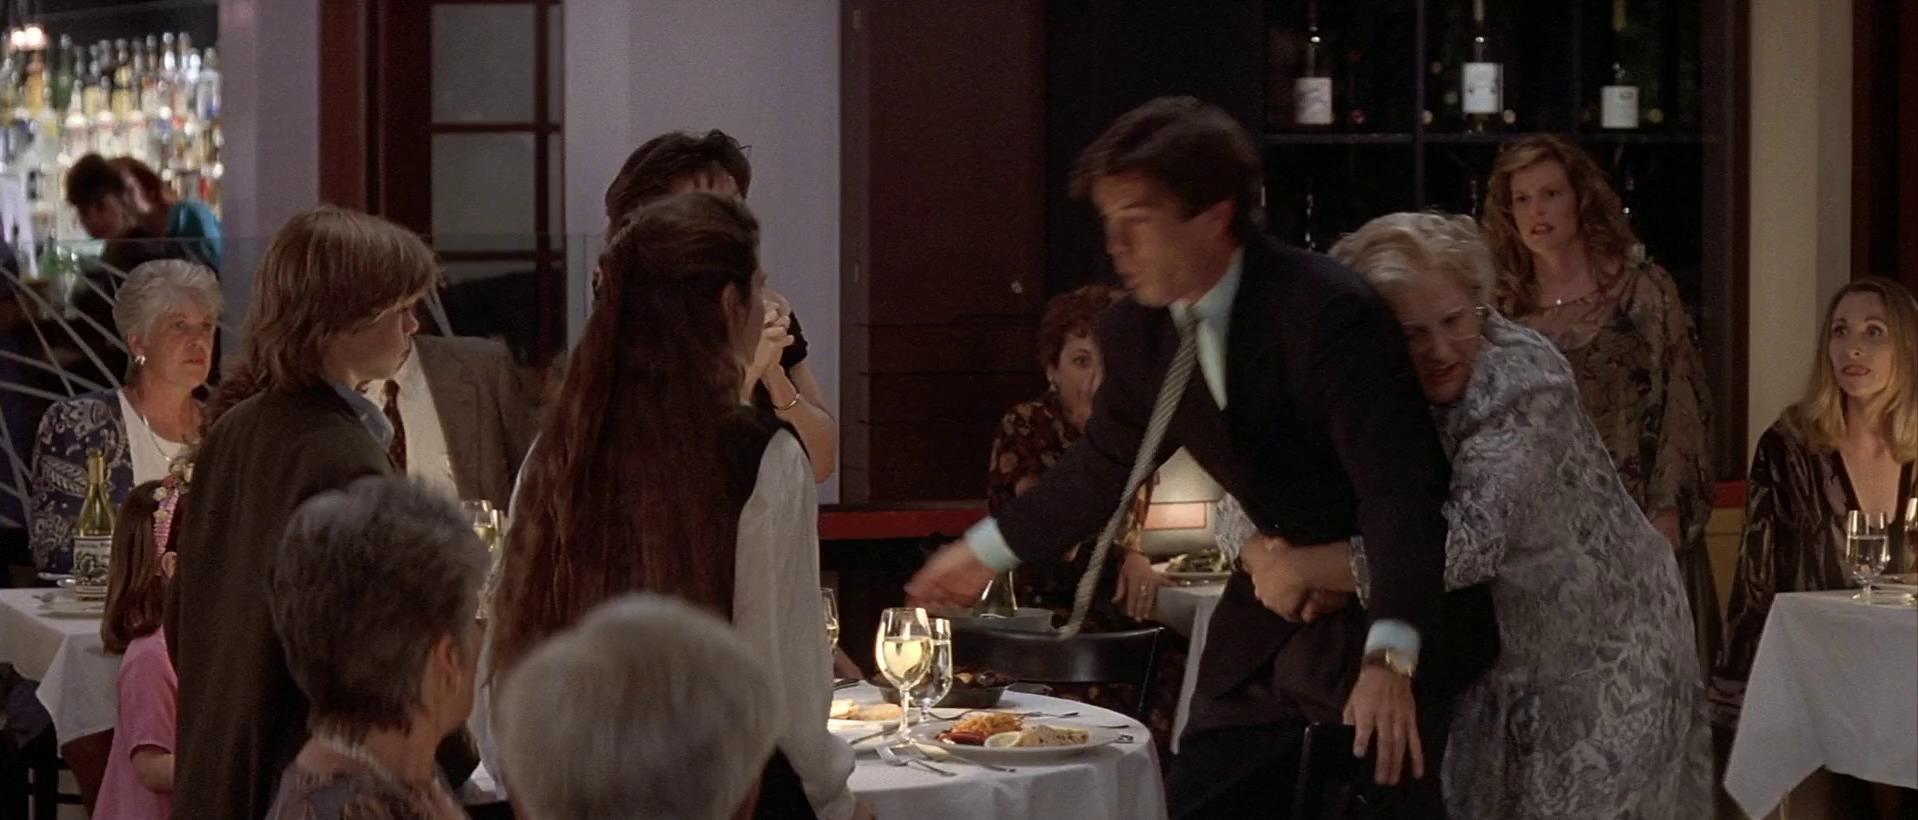 Pierce Brosnan, Robin Williams, Sally Field, Lisa Jakub, and Matthew Lawrence in Mrs. Doubtfire (1993)